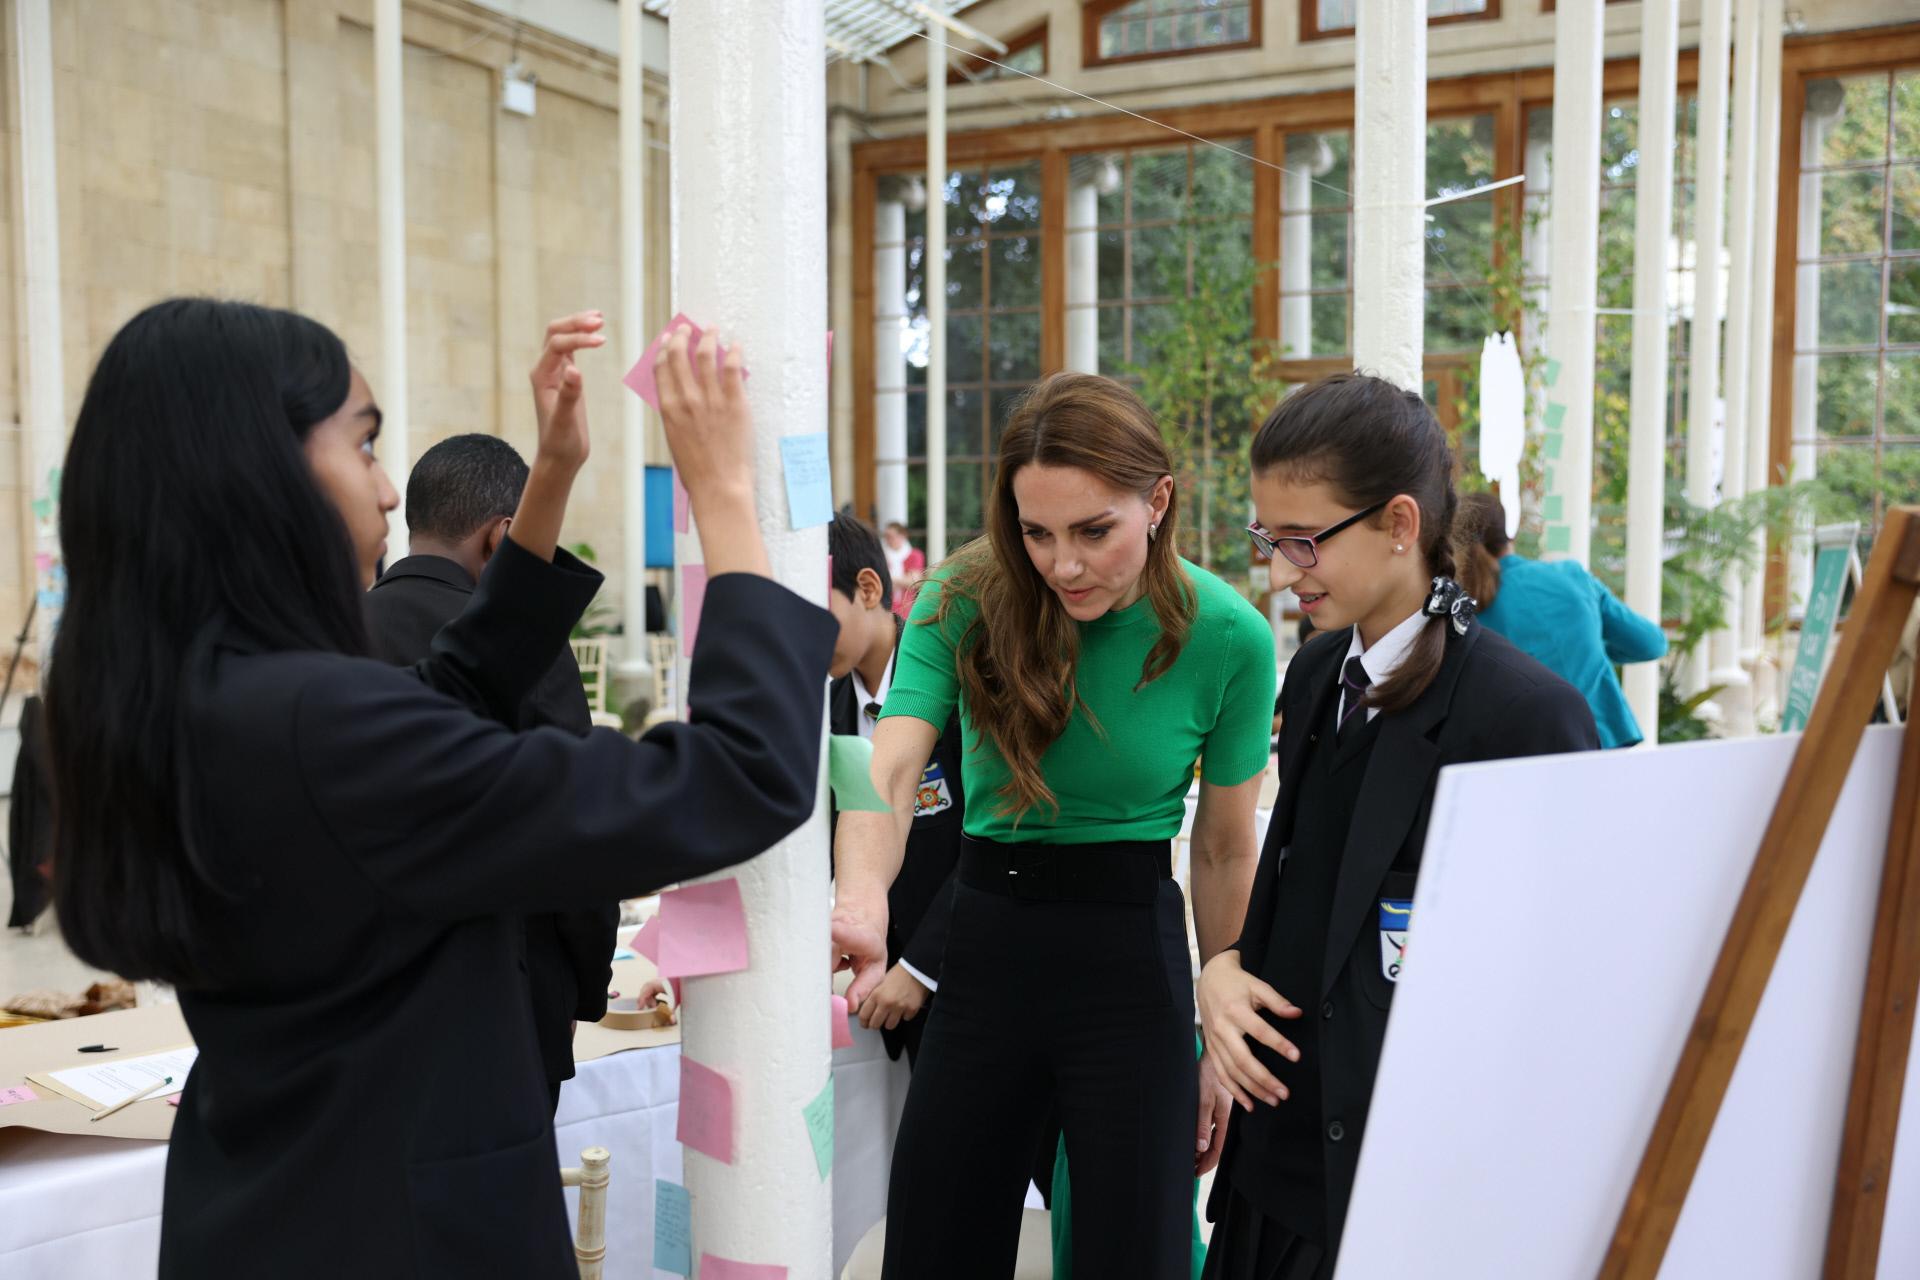 El duque y la duquesa invitaron a los maestros de todo el mundo a involucrar a sus aulas en los esfuerzos para reparar el planeta mediante el uso de un kit de herramientas gratuito para maestros de Generation Earthshot y compartiendo las mejores ideas ambientales de los estudiantes.